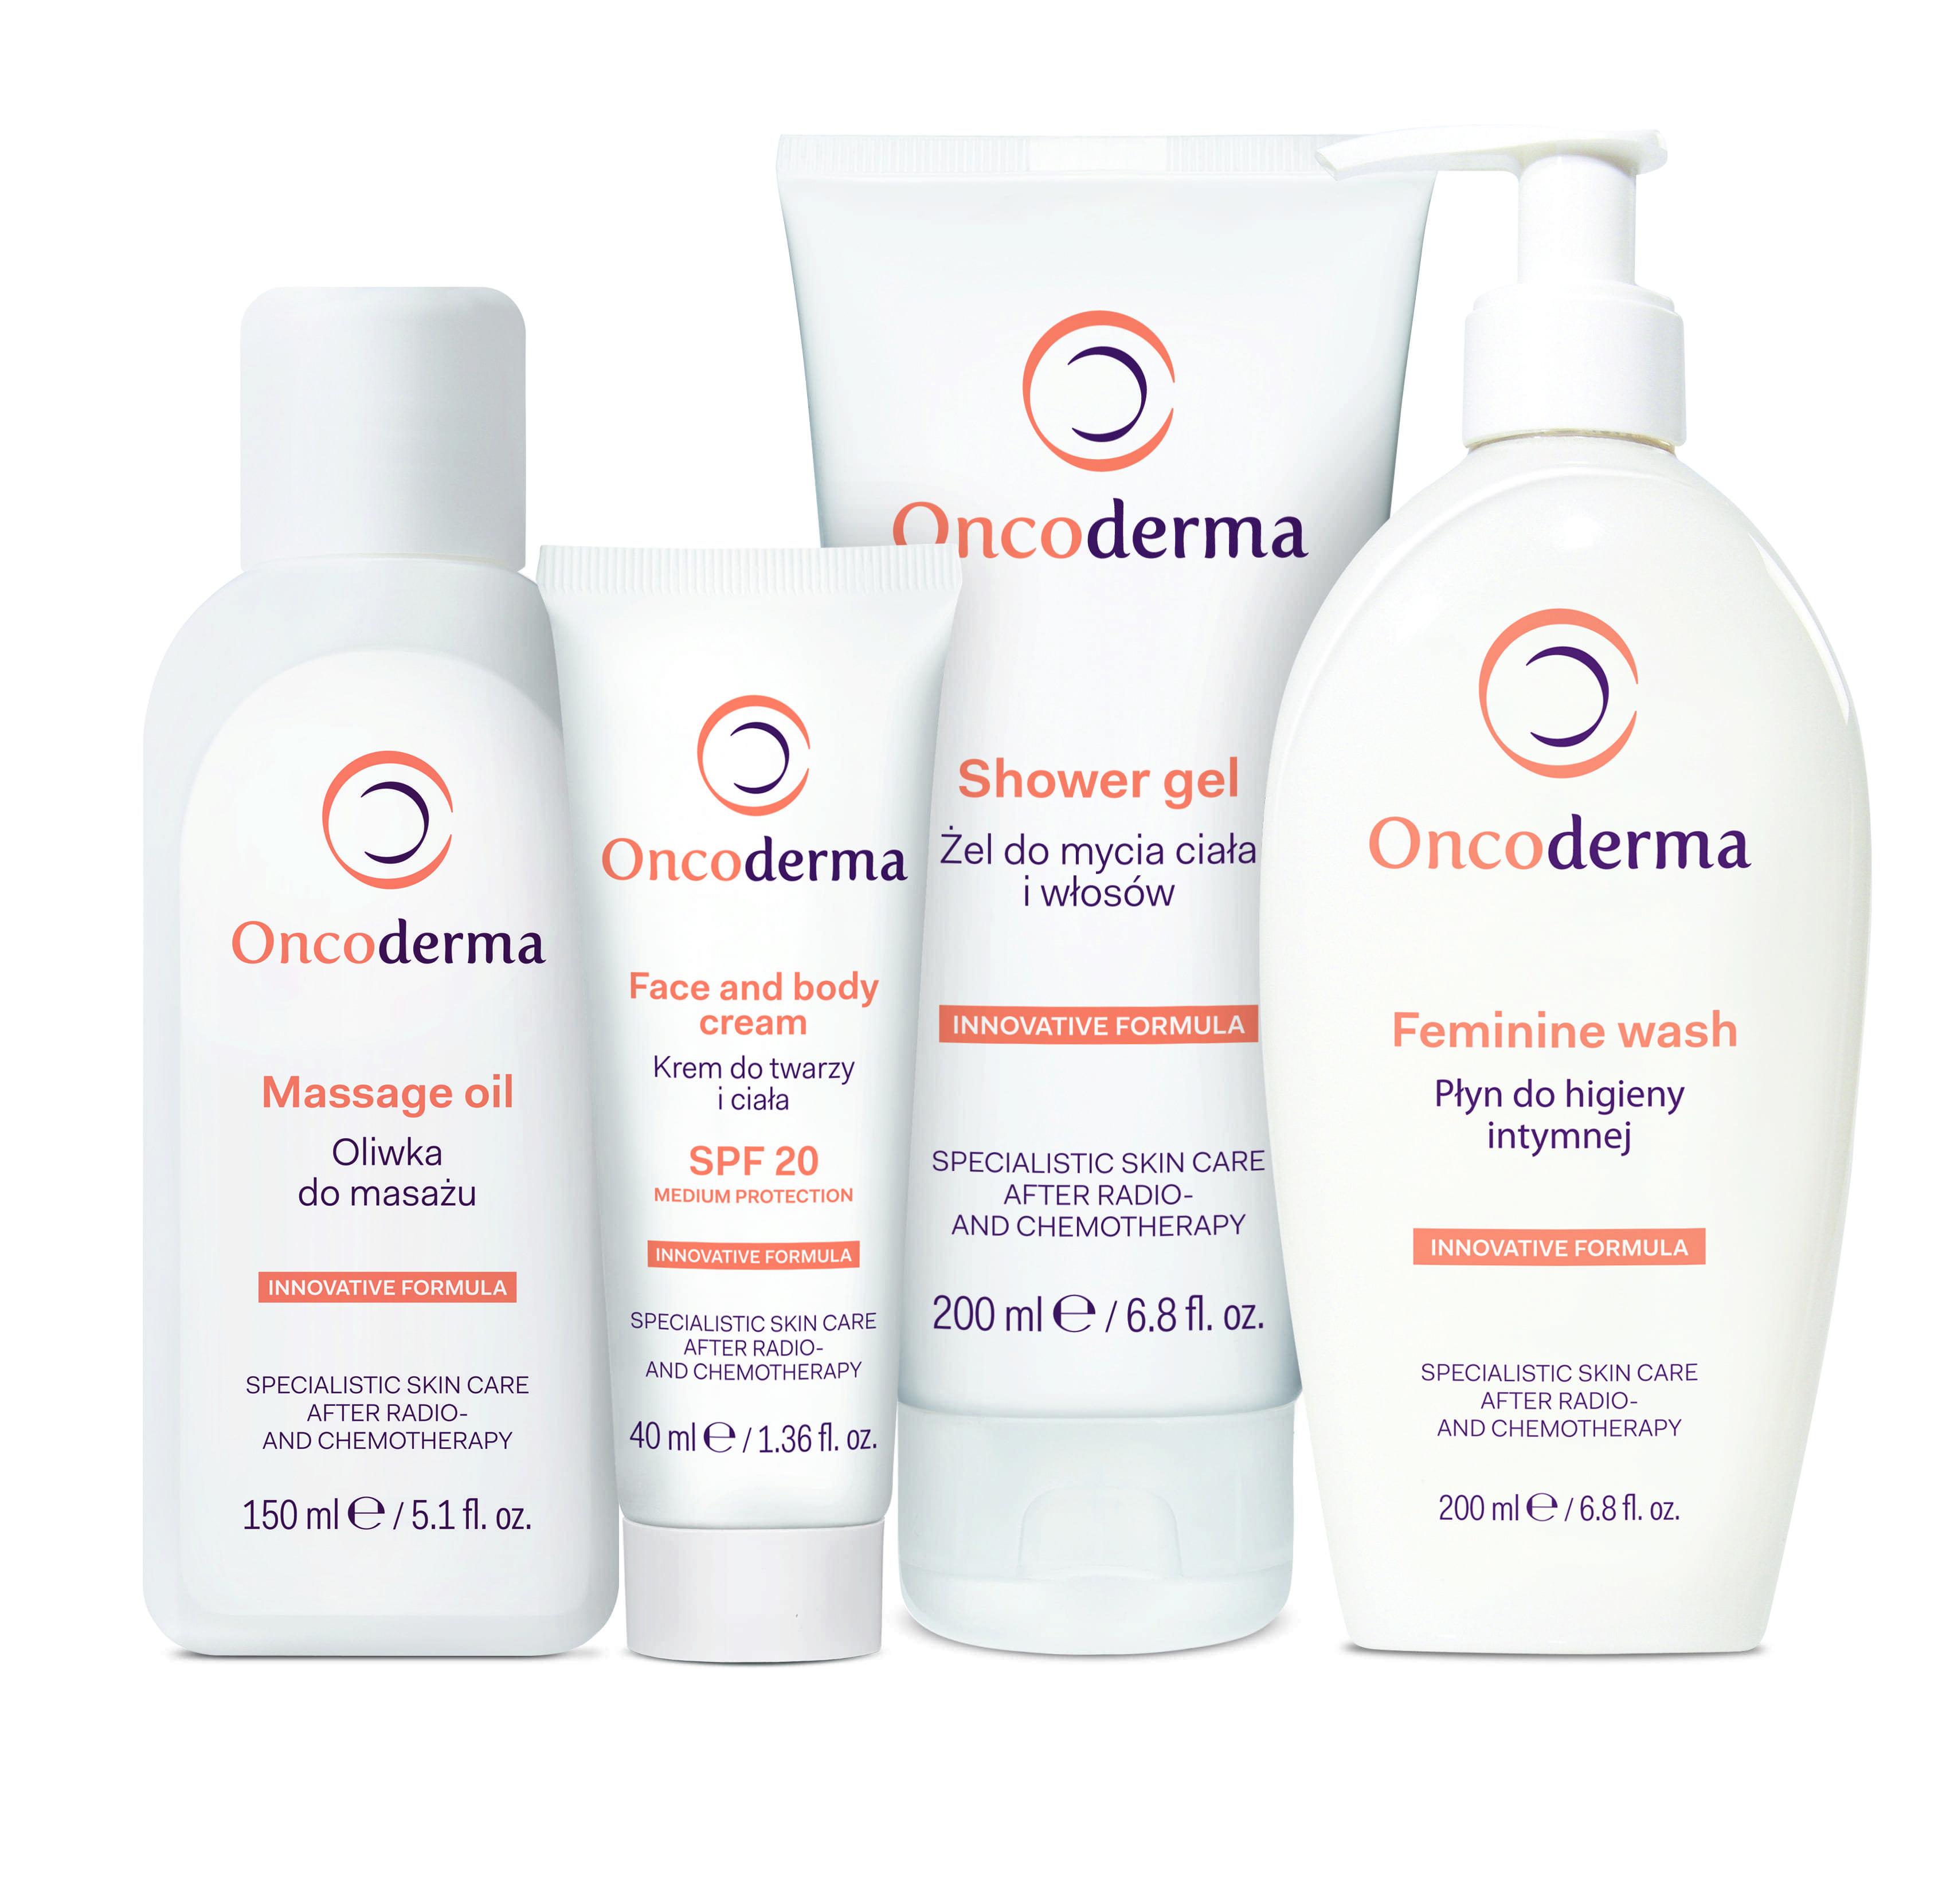 Oncoderma